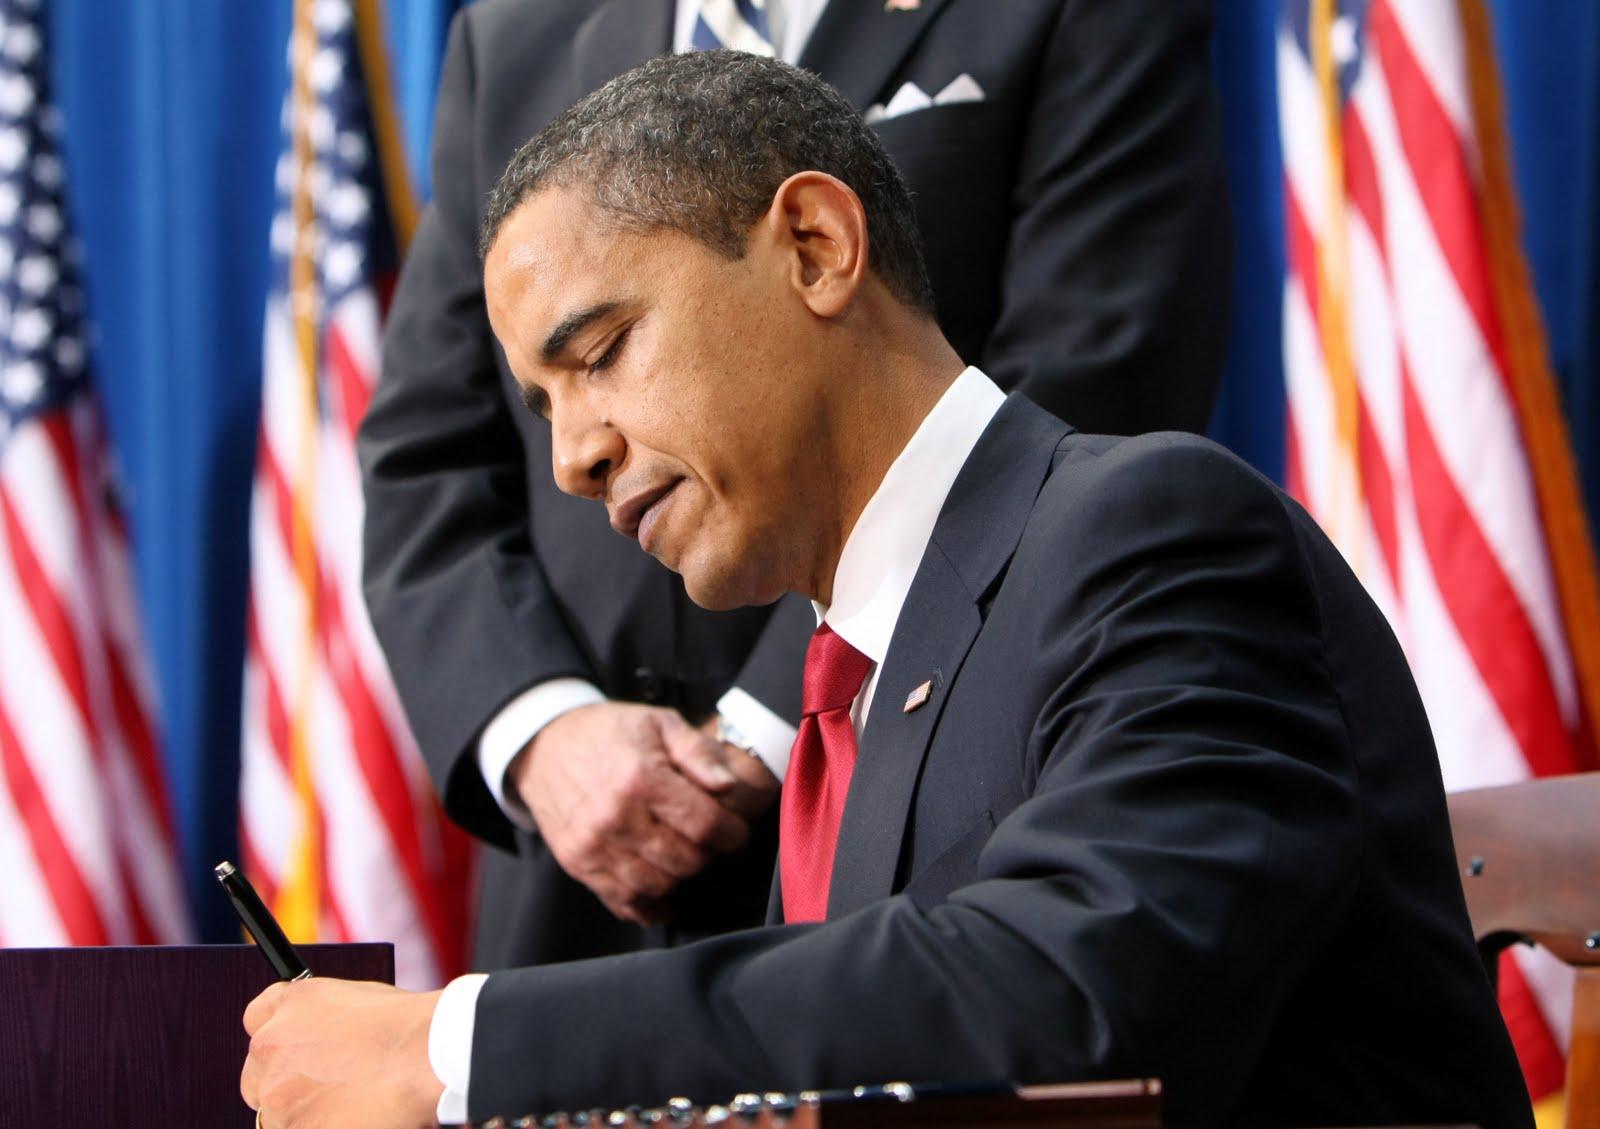 http://1.bp.blogspot.com/-uHCda5vPmb8/Tjb2nn-S2LI/AAAAAAAAAKo/e0wyl-kCVGQ/s1600/Obama_EEUU_.jpg